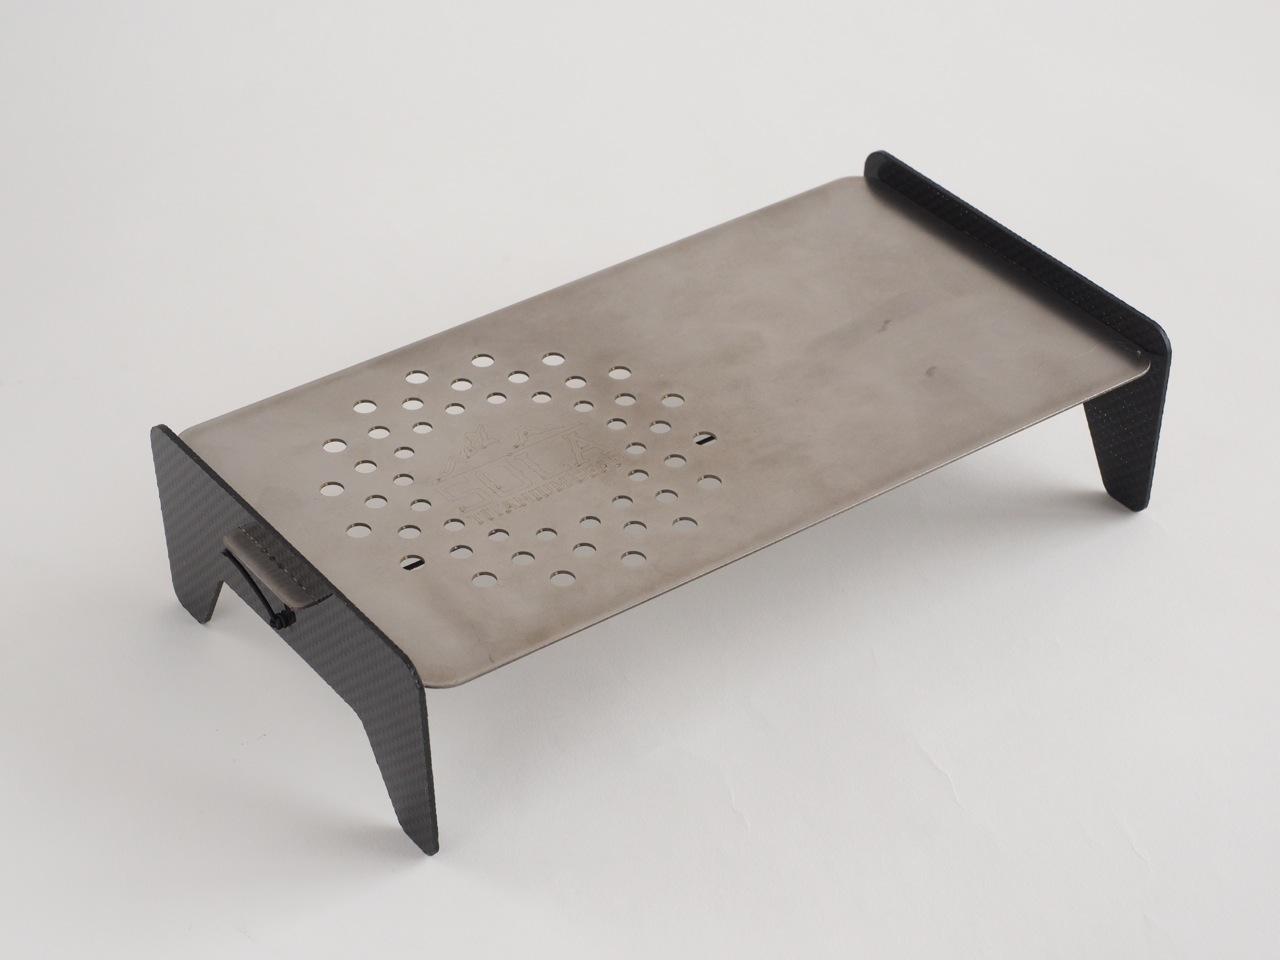 デイパックに入る超軽量どこでもテーブル